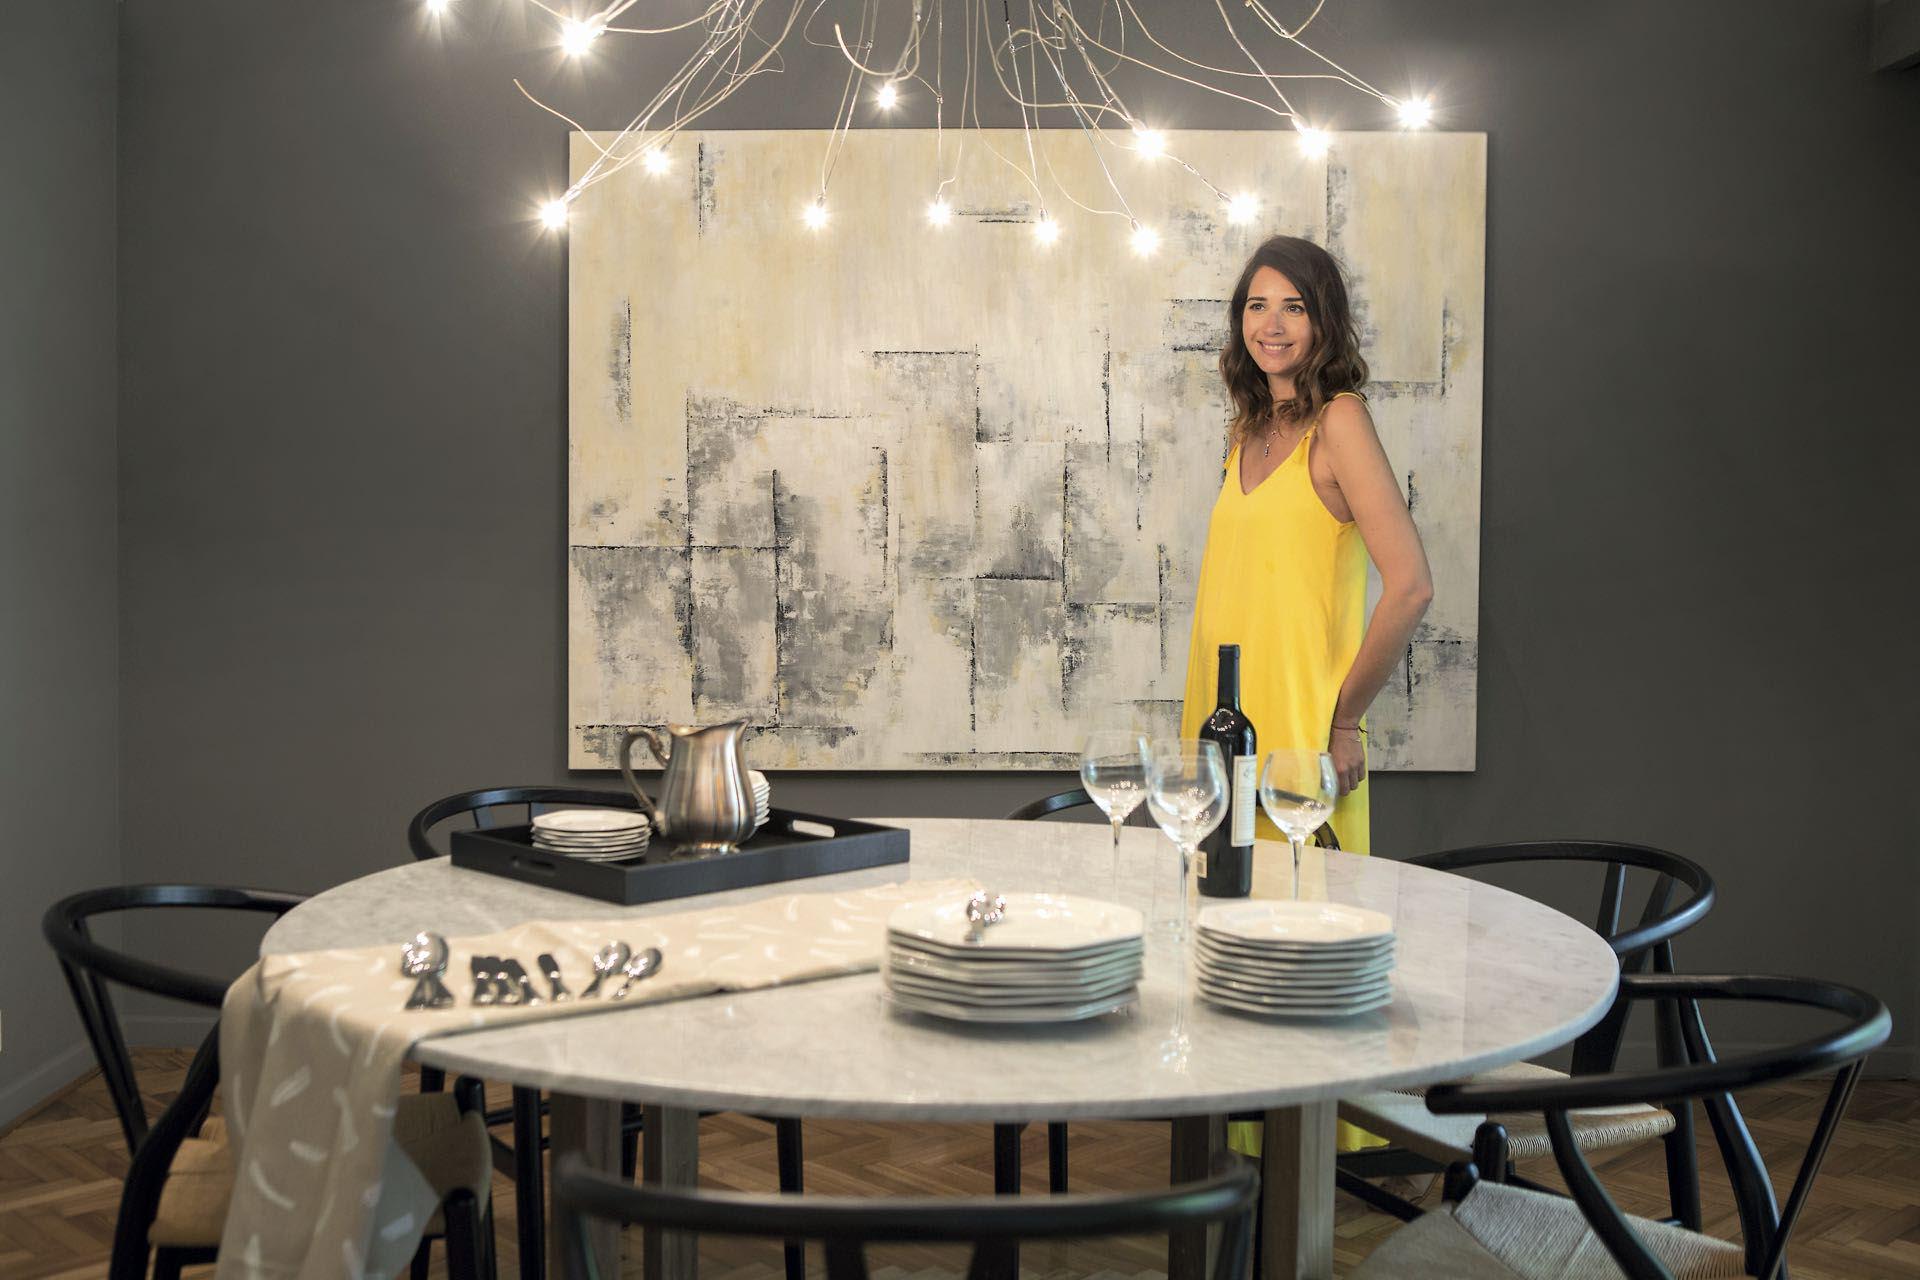 coty crotto una influencer de moda en la intimidad y sin etiquetas 25 noticias noticias de. Black Bedroom Furniture Sets. Home Design Ideas